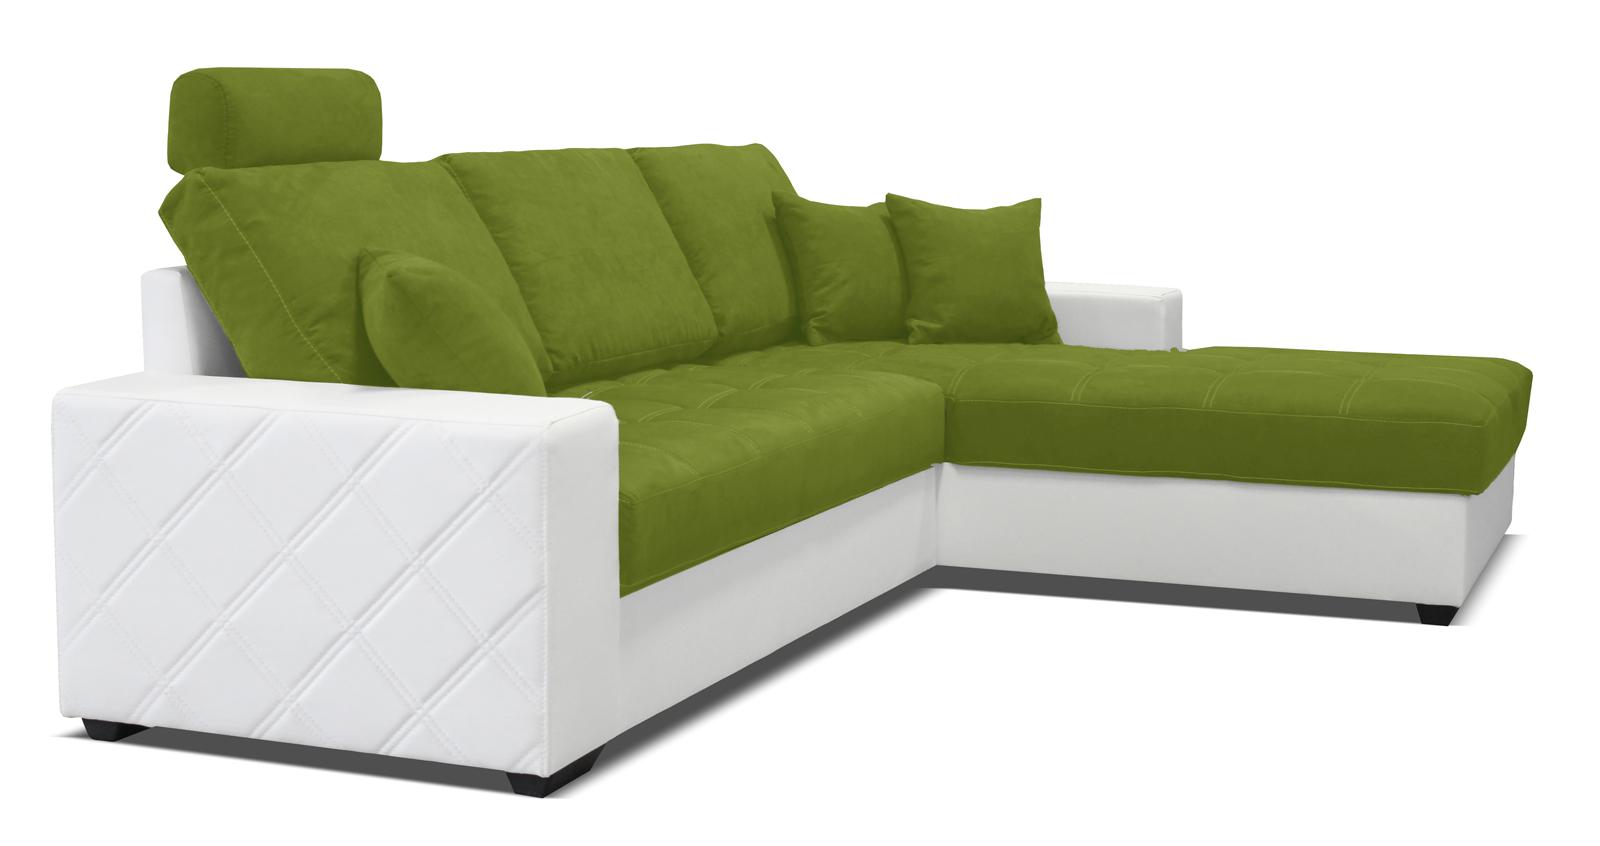 Rohová sedací souprava - Po-Sed - Mondo (bílá + pistácie) (P)